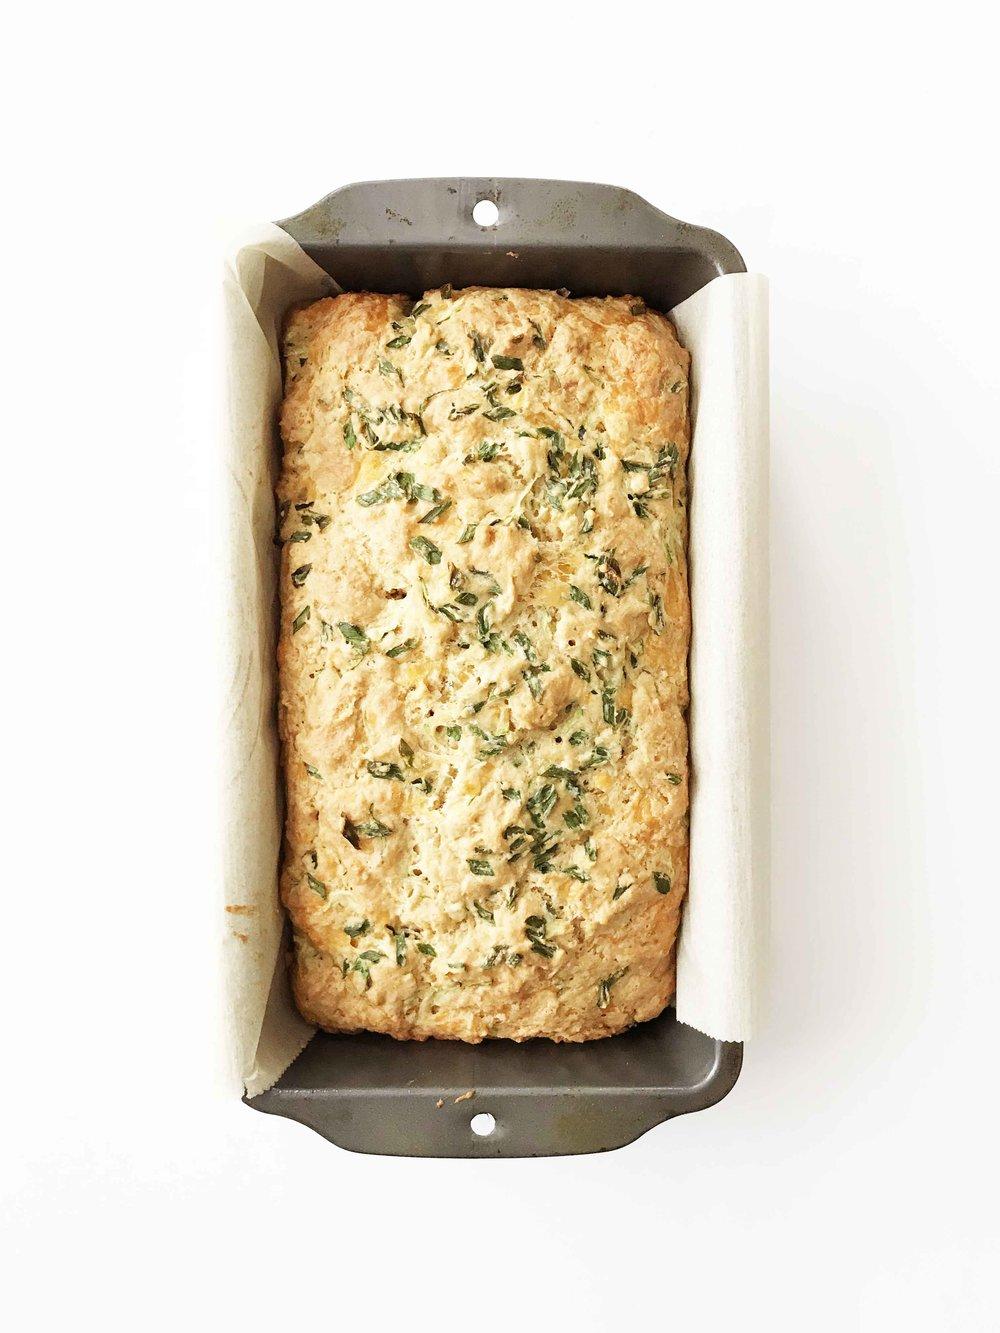 cheddar-chive-zuch-bread8.jpg